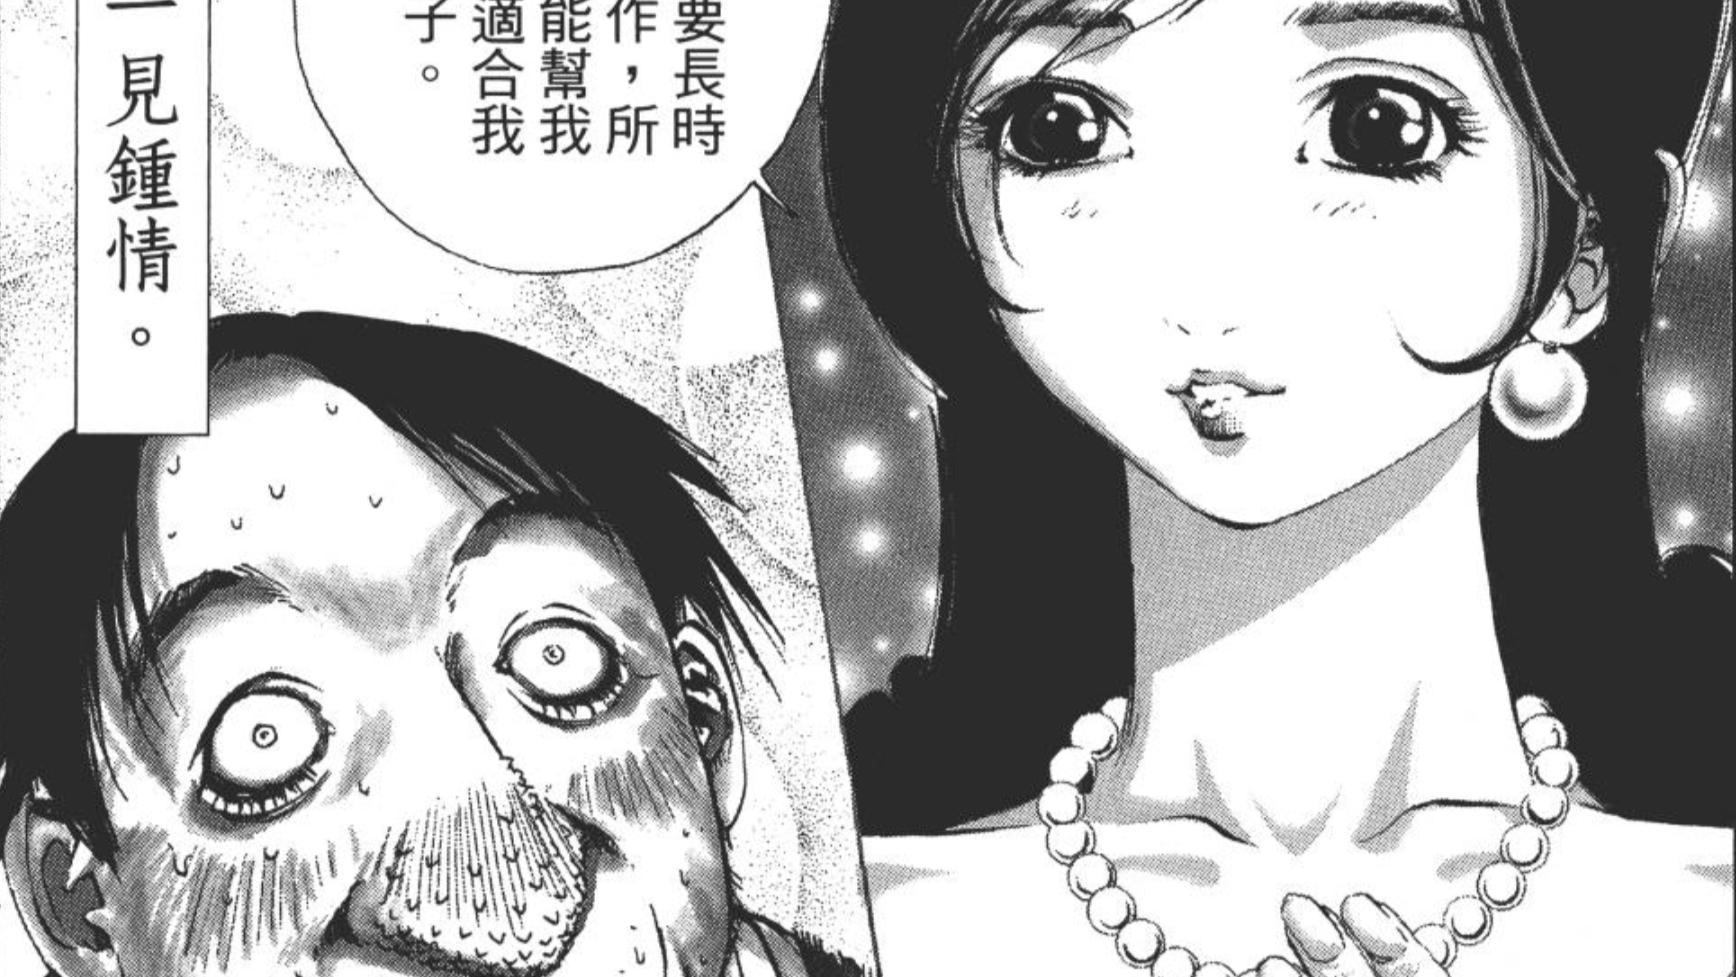 【江户川乱步异人馆2】爆丑木匠爱上美丽人妻,倾尽血肉做得人椅